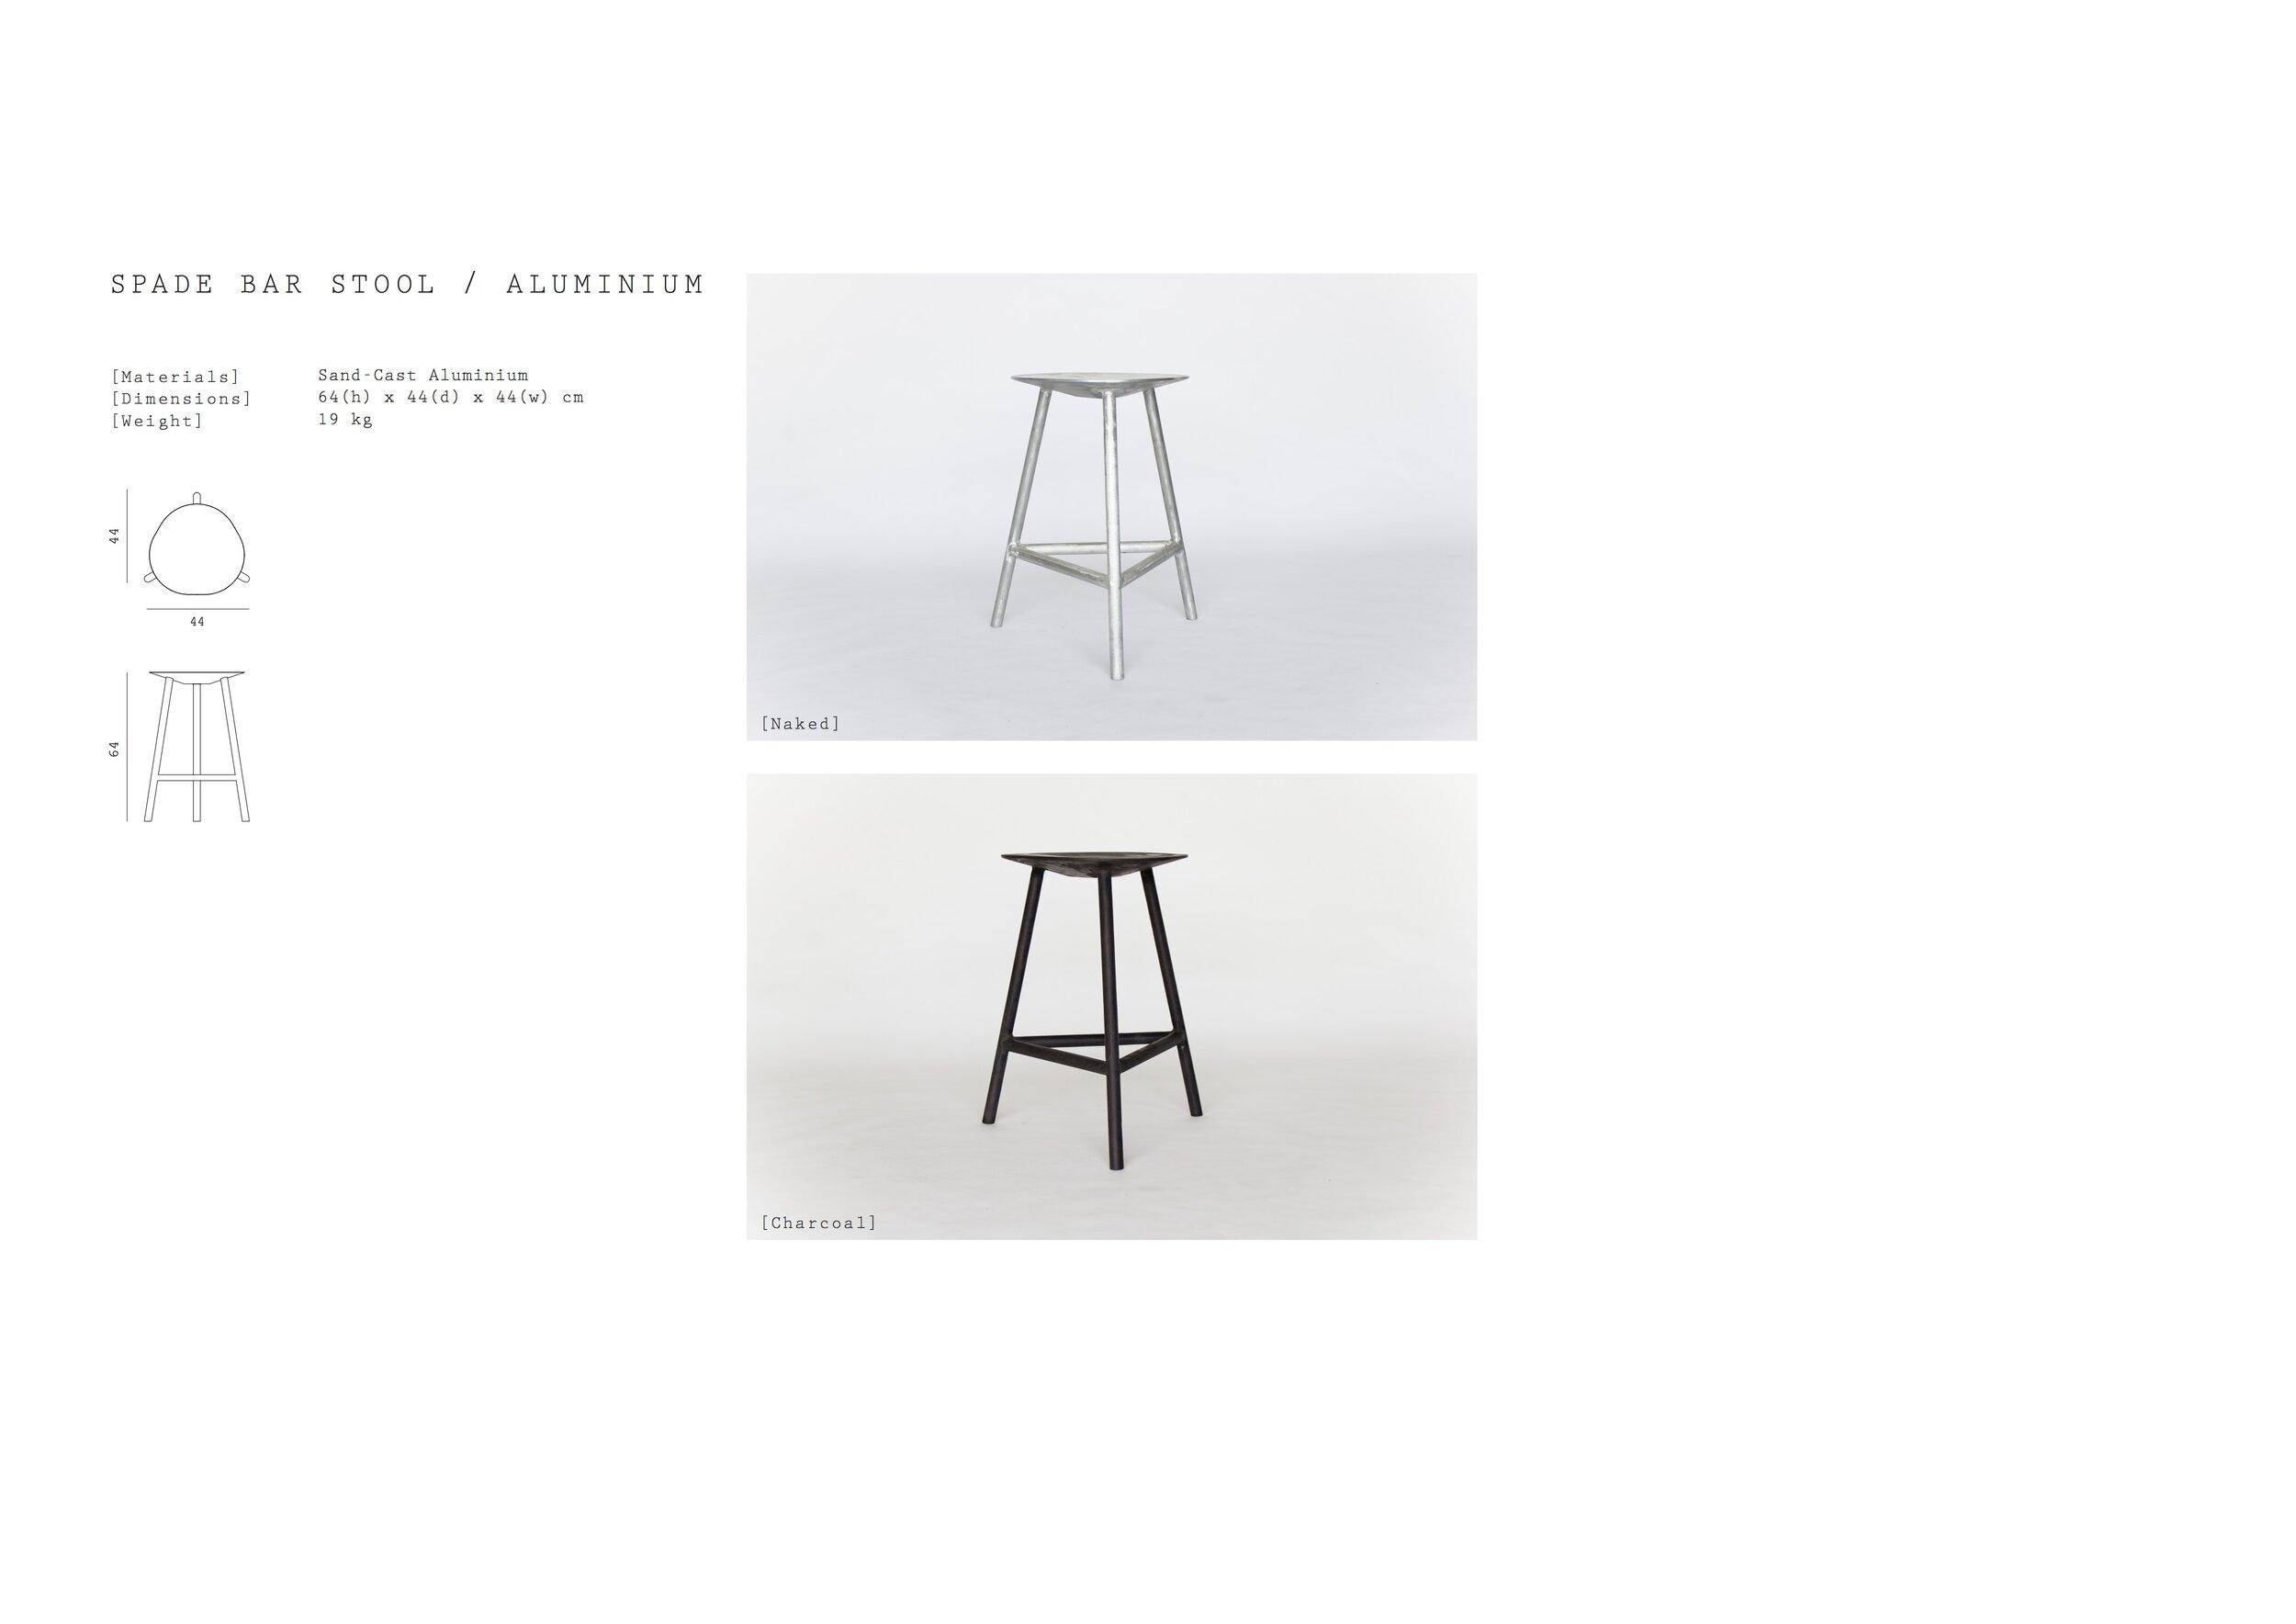 Catalogue_Unlimited_190912_SPADE_BAR_STOOL_ALUMINIUM_CHARCOAL.jpg